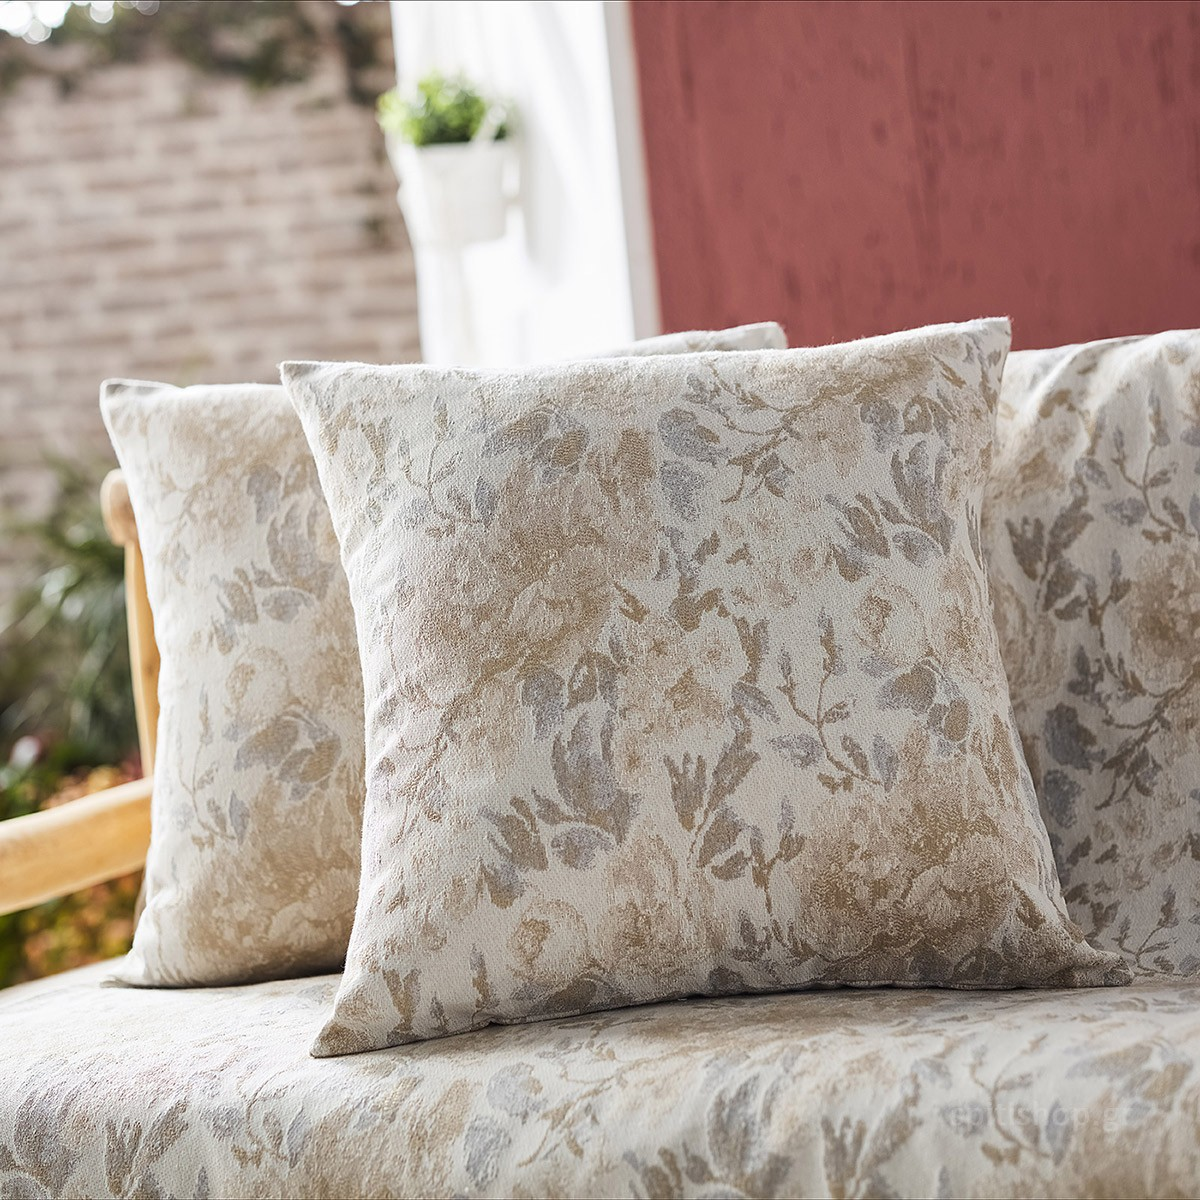 Διακοσμητική Μαξιλαροθήκη Gofis Home Bloomy Grey 628/14